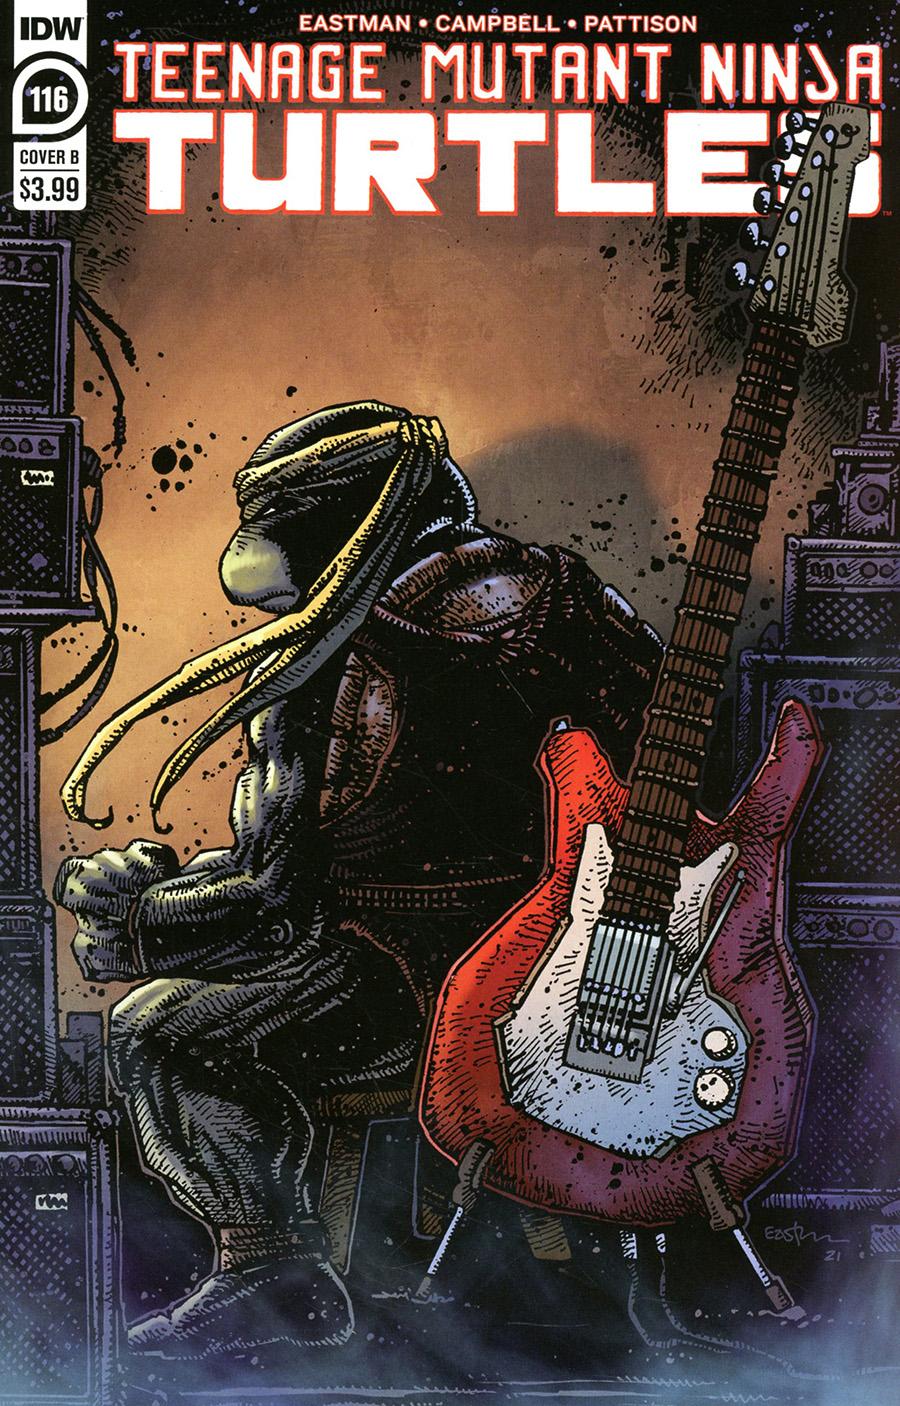 Teenage Mutant Ninja Turtles Vol 5 #116 Cover B Variant Kevin Eastman Cover